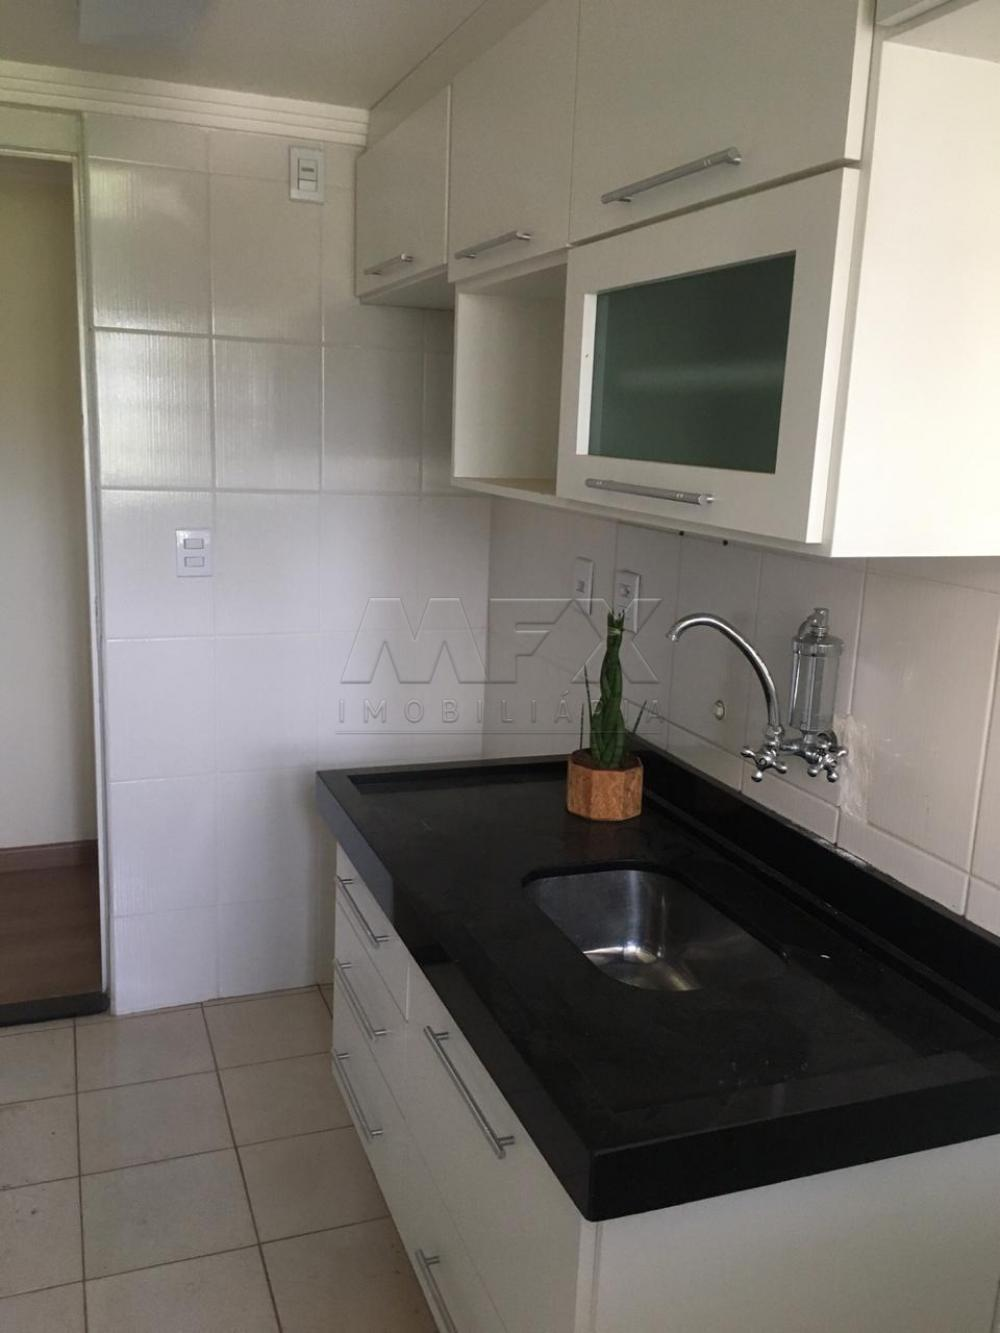 Comprar Apartamento / Padrão em Bauru R$ 170.000,00 - Foto 15